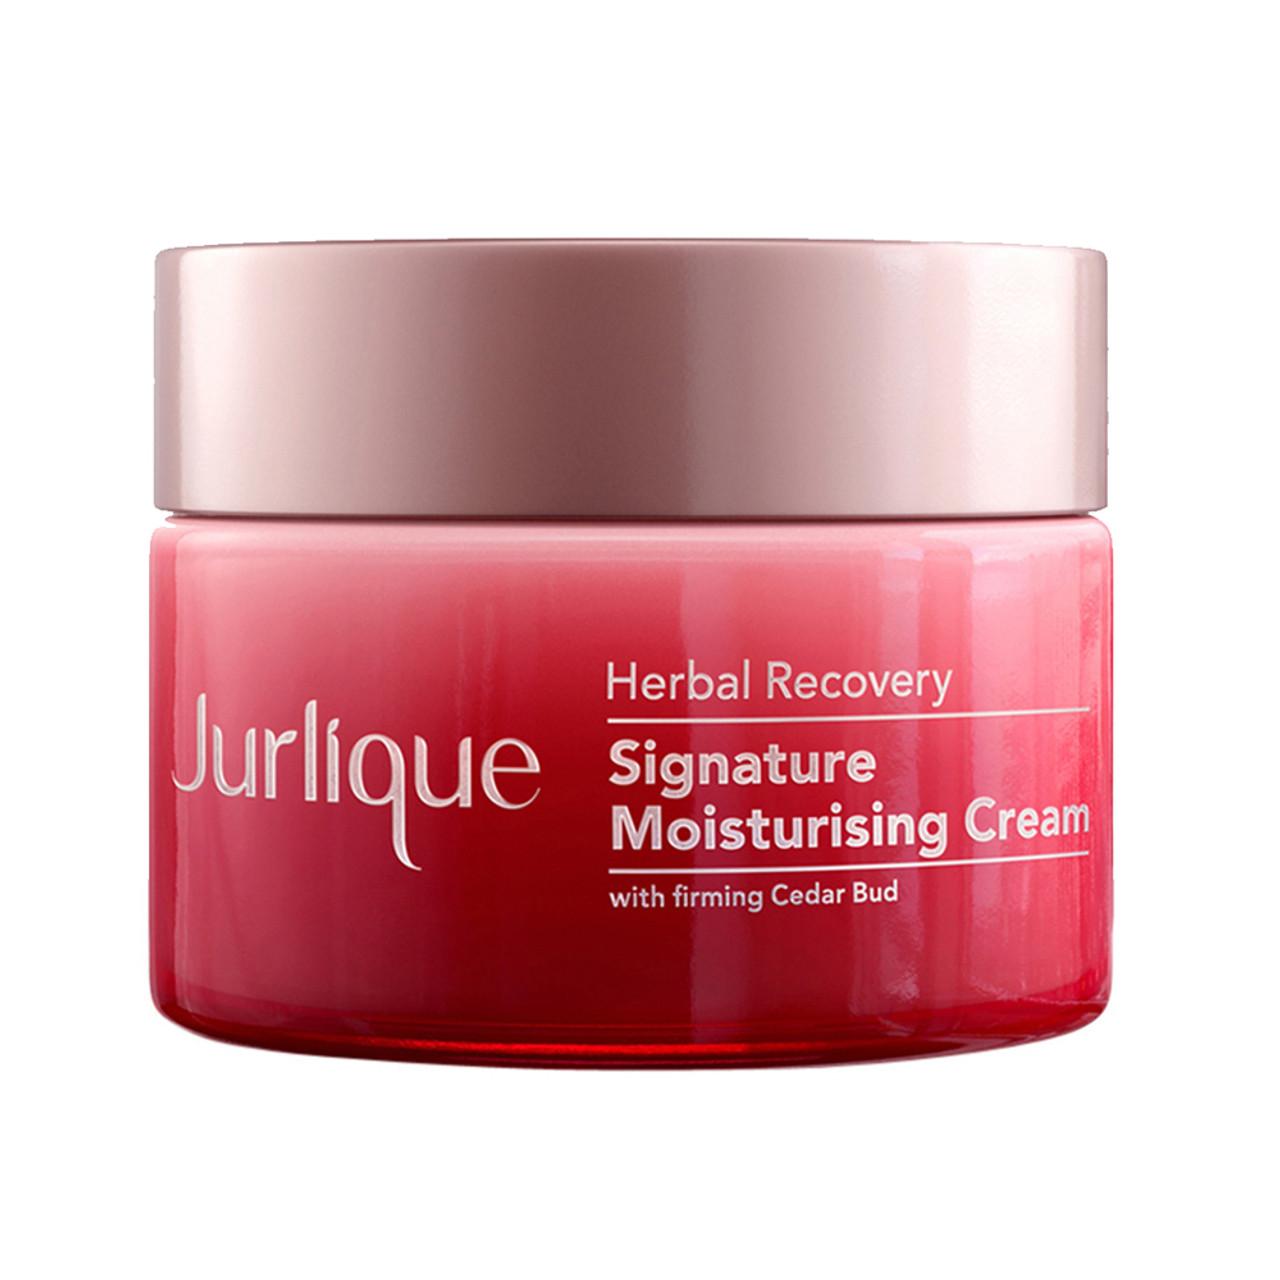 Jurlique Herbal Recovery Signature Moisturising Cream BeautifiedYou.com